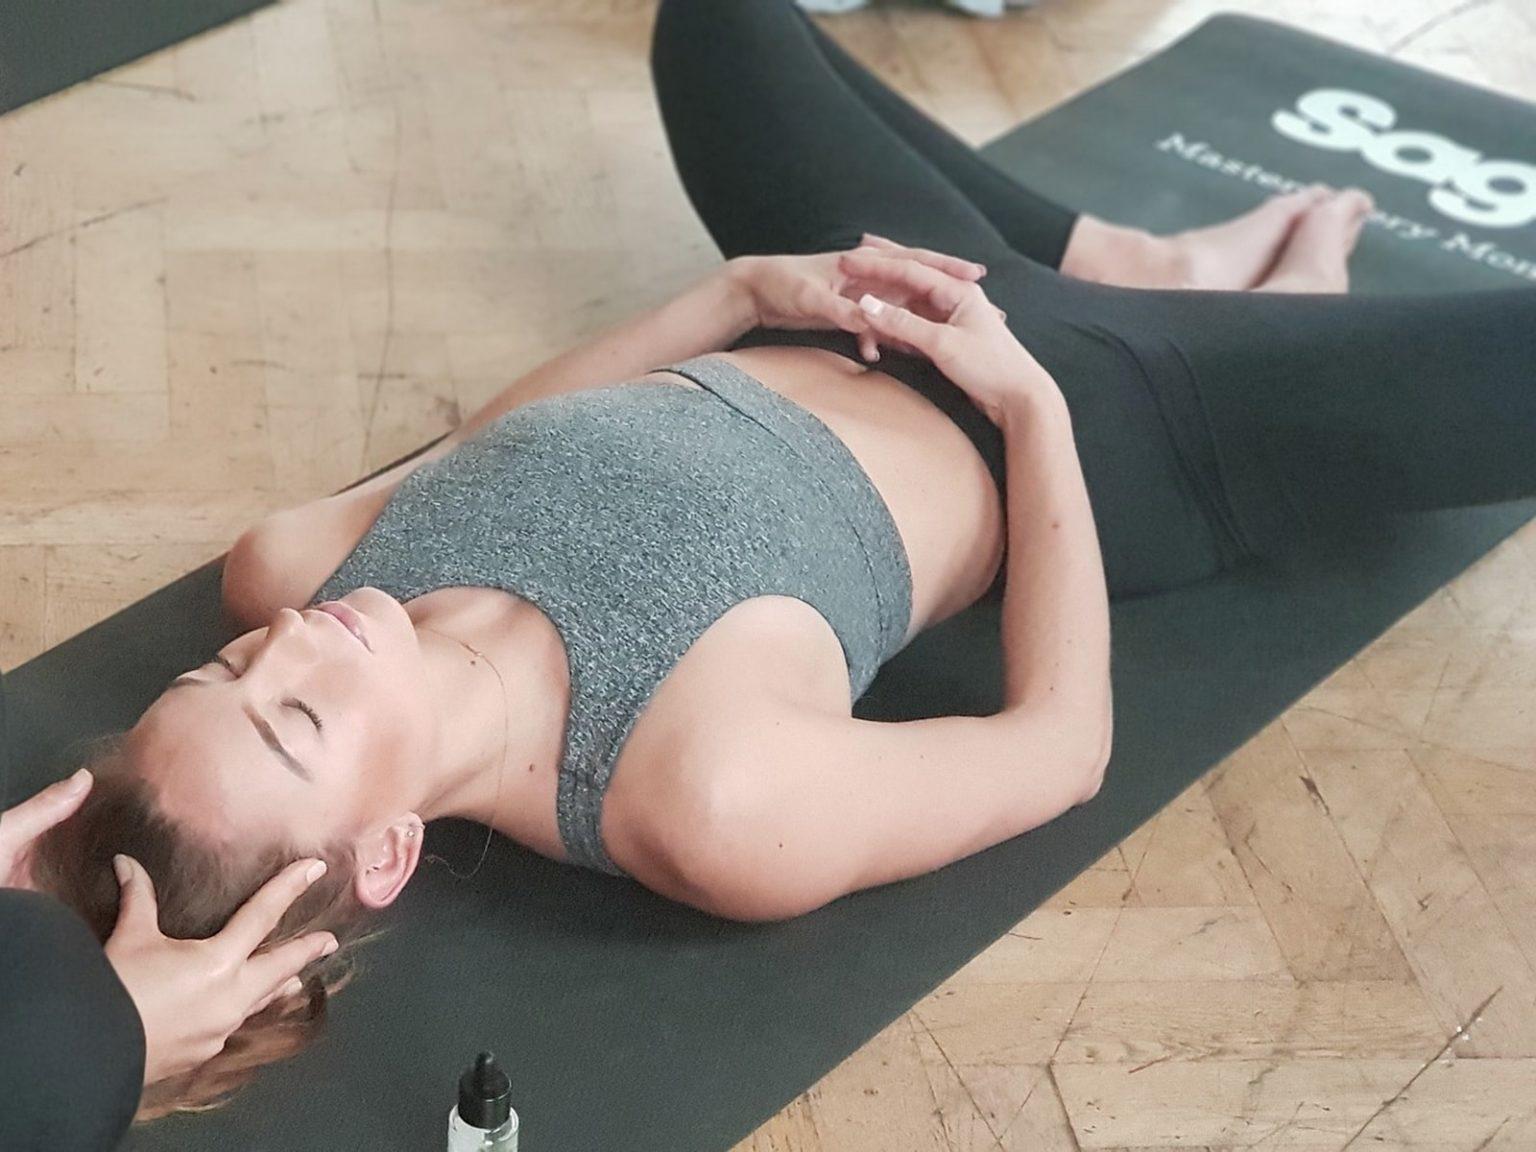 йога и неинтенсивные виды спорта благоприятны в критические дни - ими заниматься можно